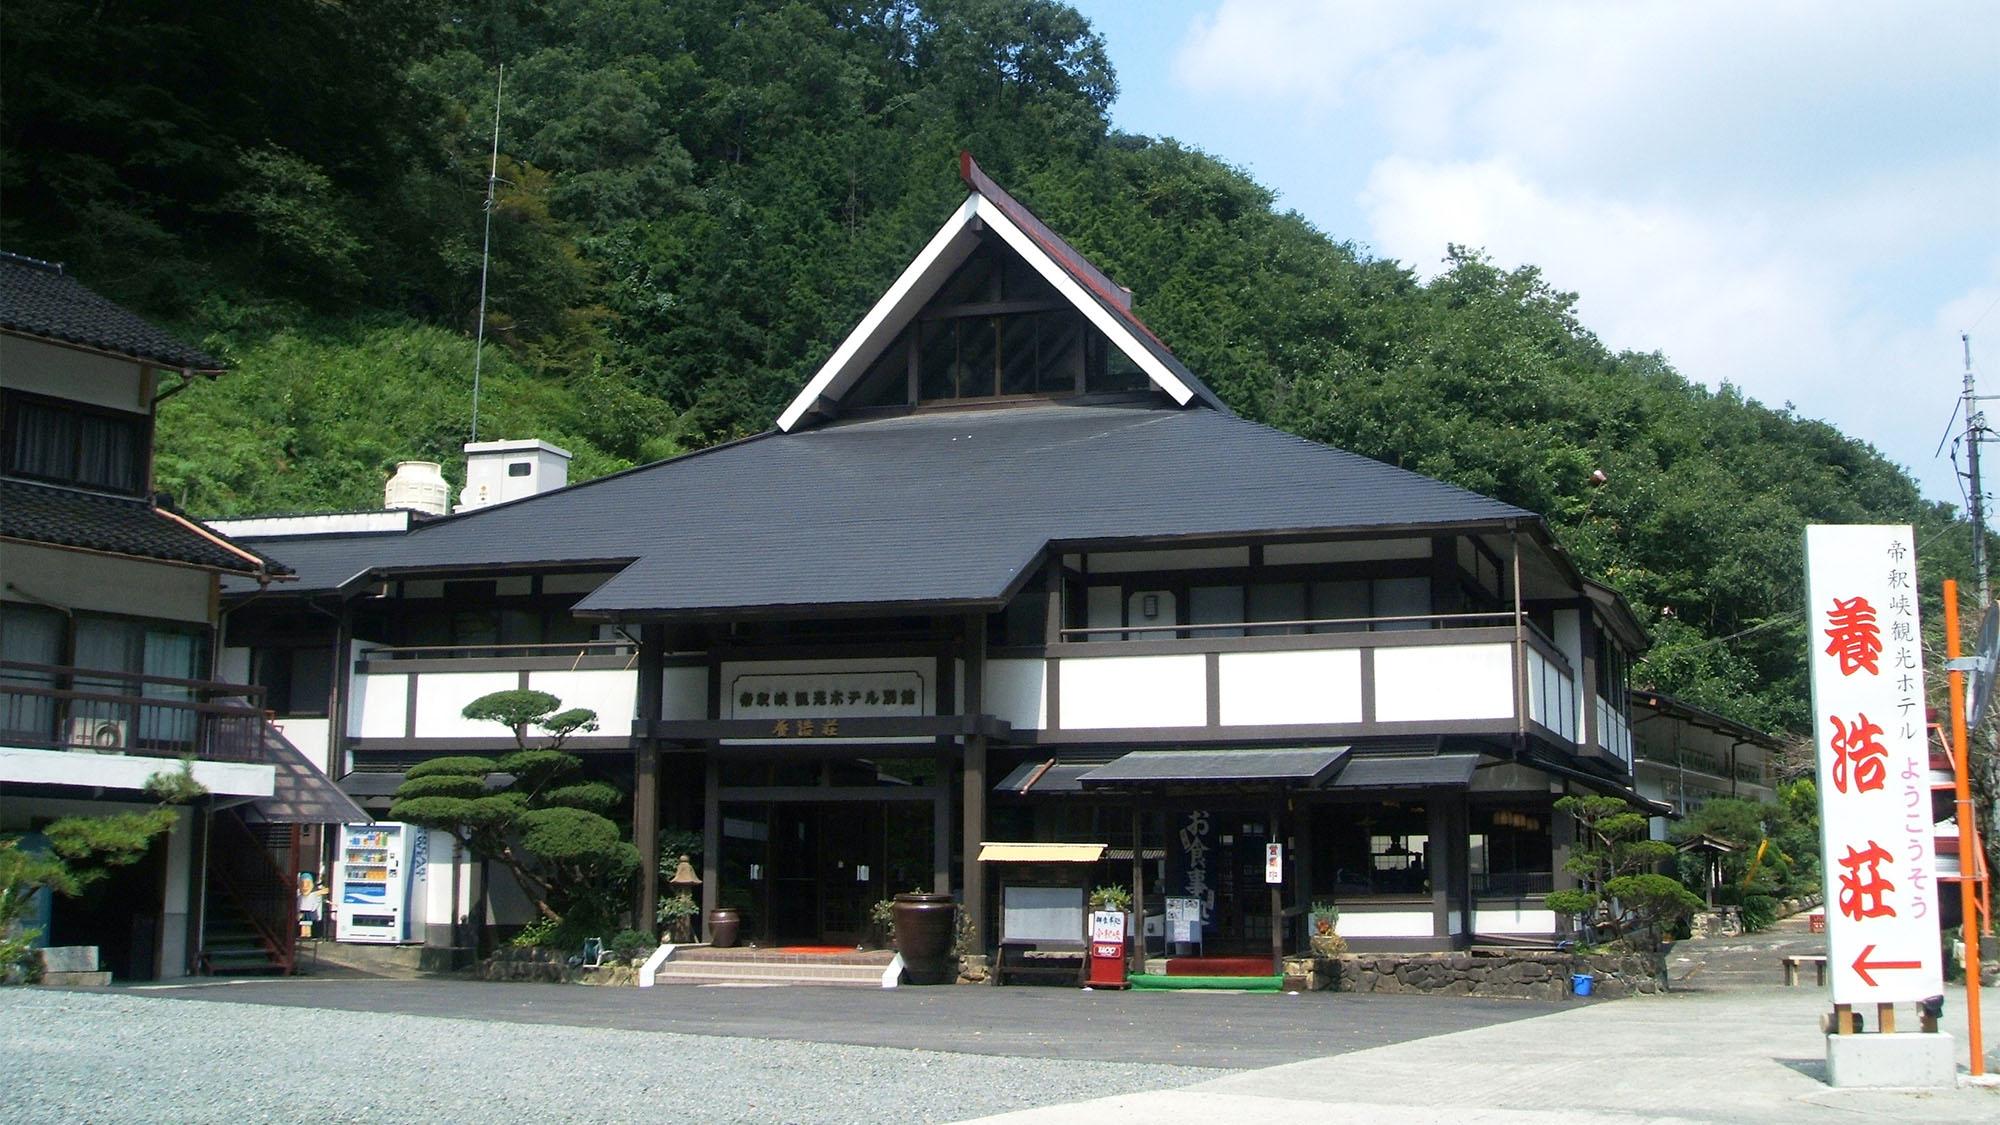 帝釈峡観光ホテル別館 養浩荘